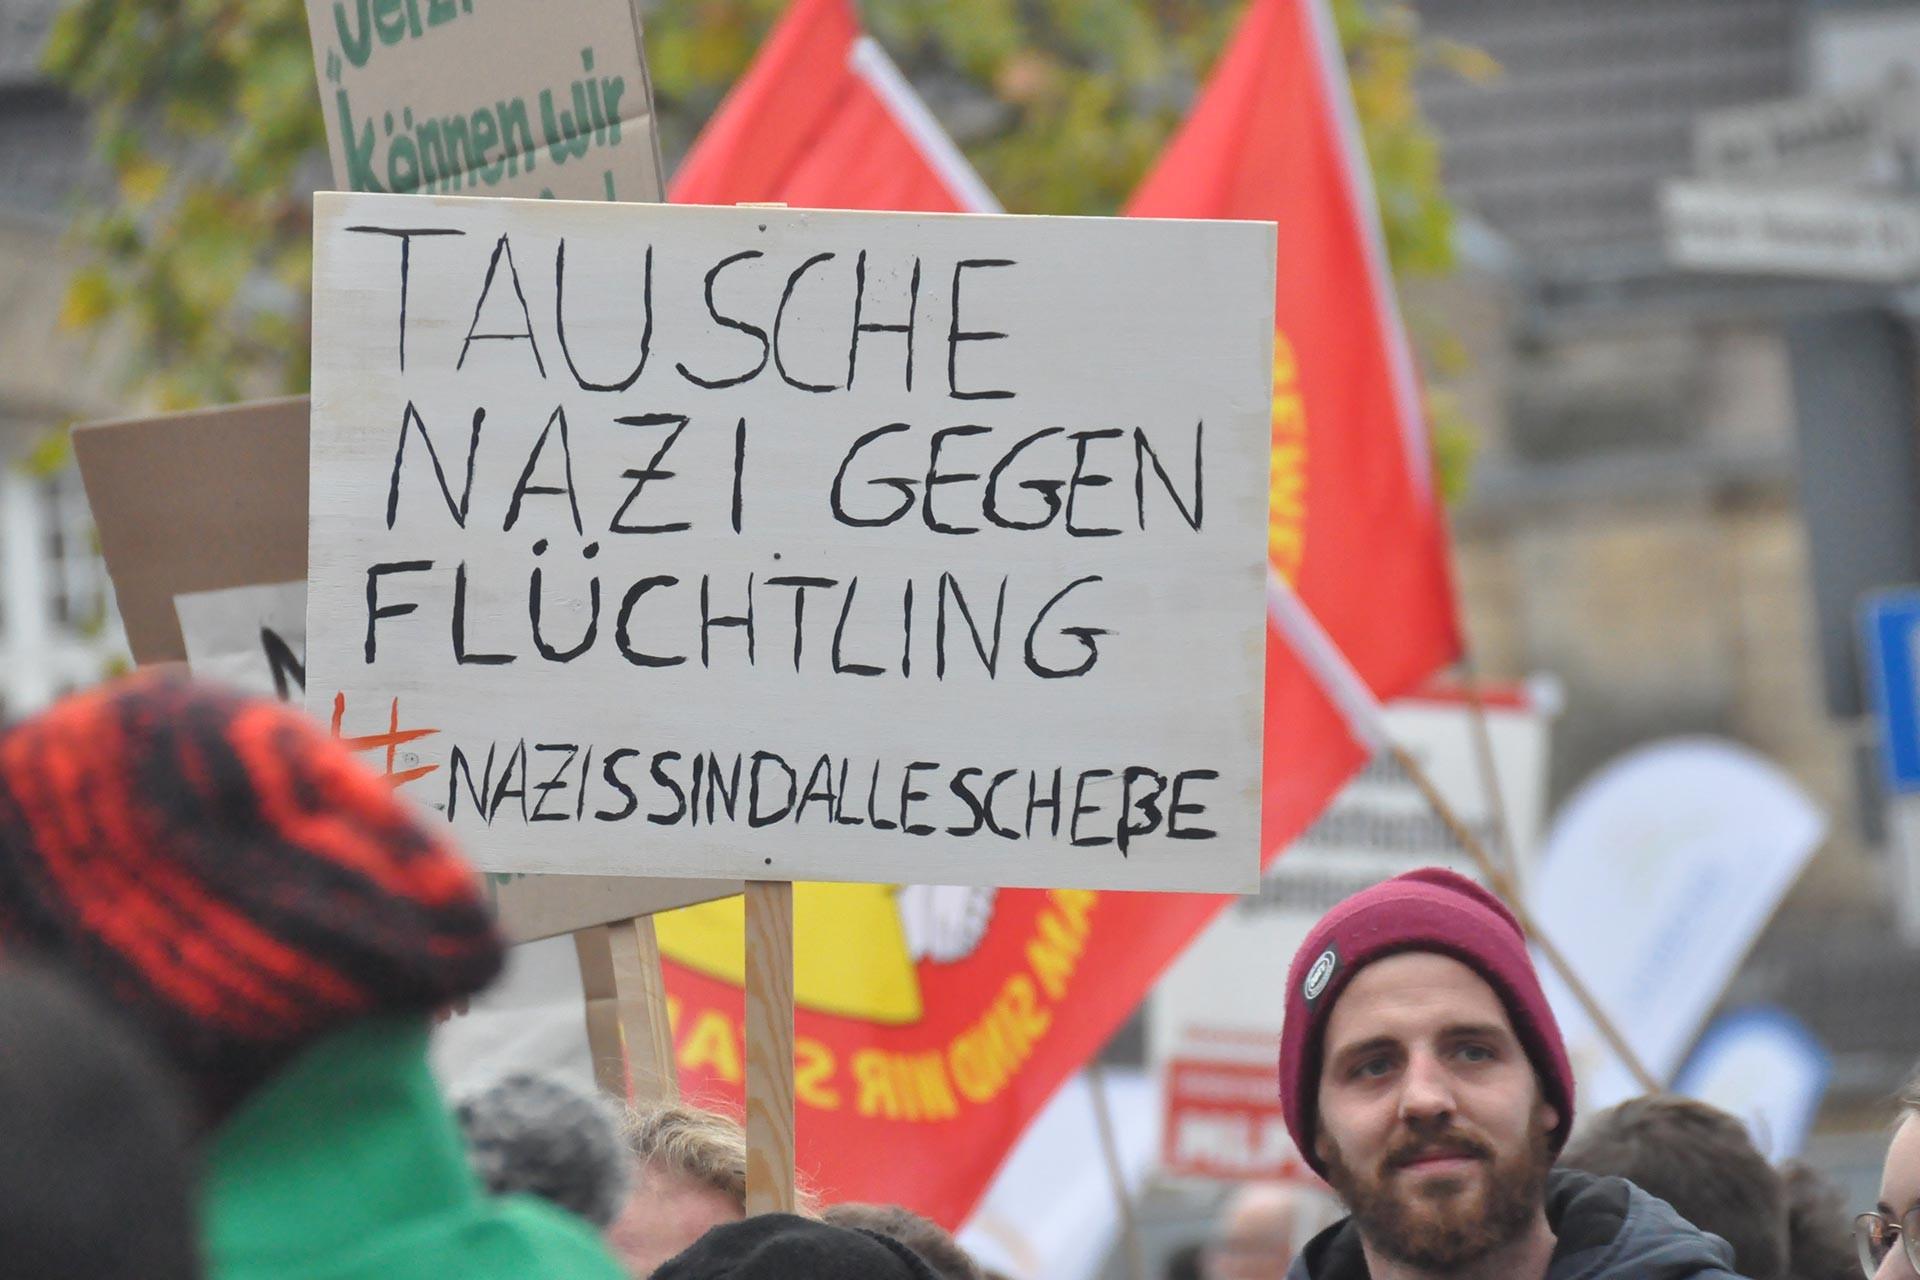 Bielefeld'de neonazilerin polis korumasında yürüyüş yapmasına tepki gösteren halk sokağa çıktı